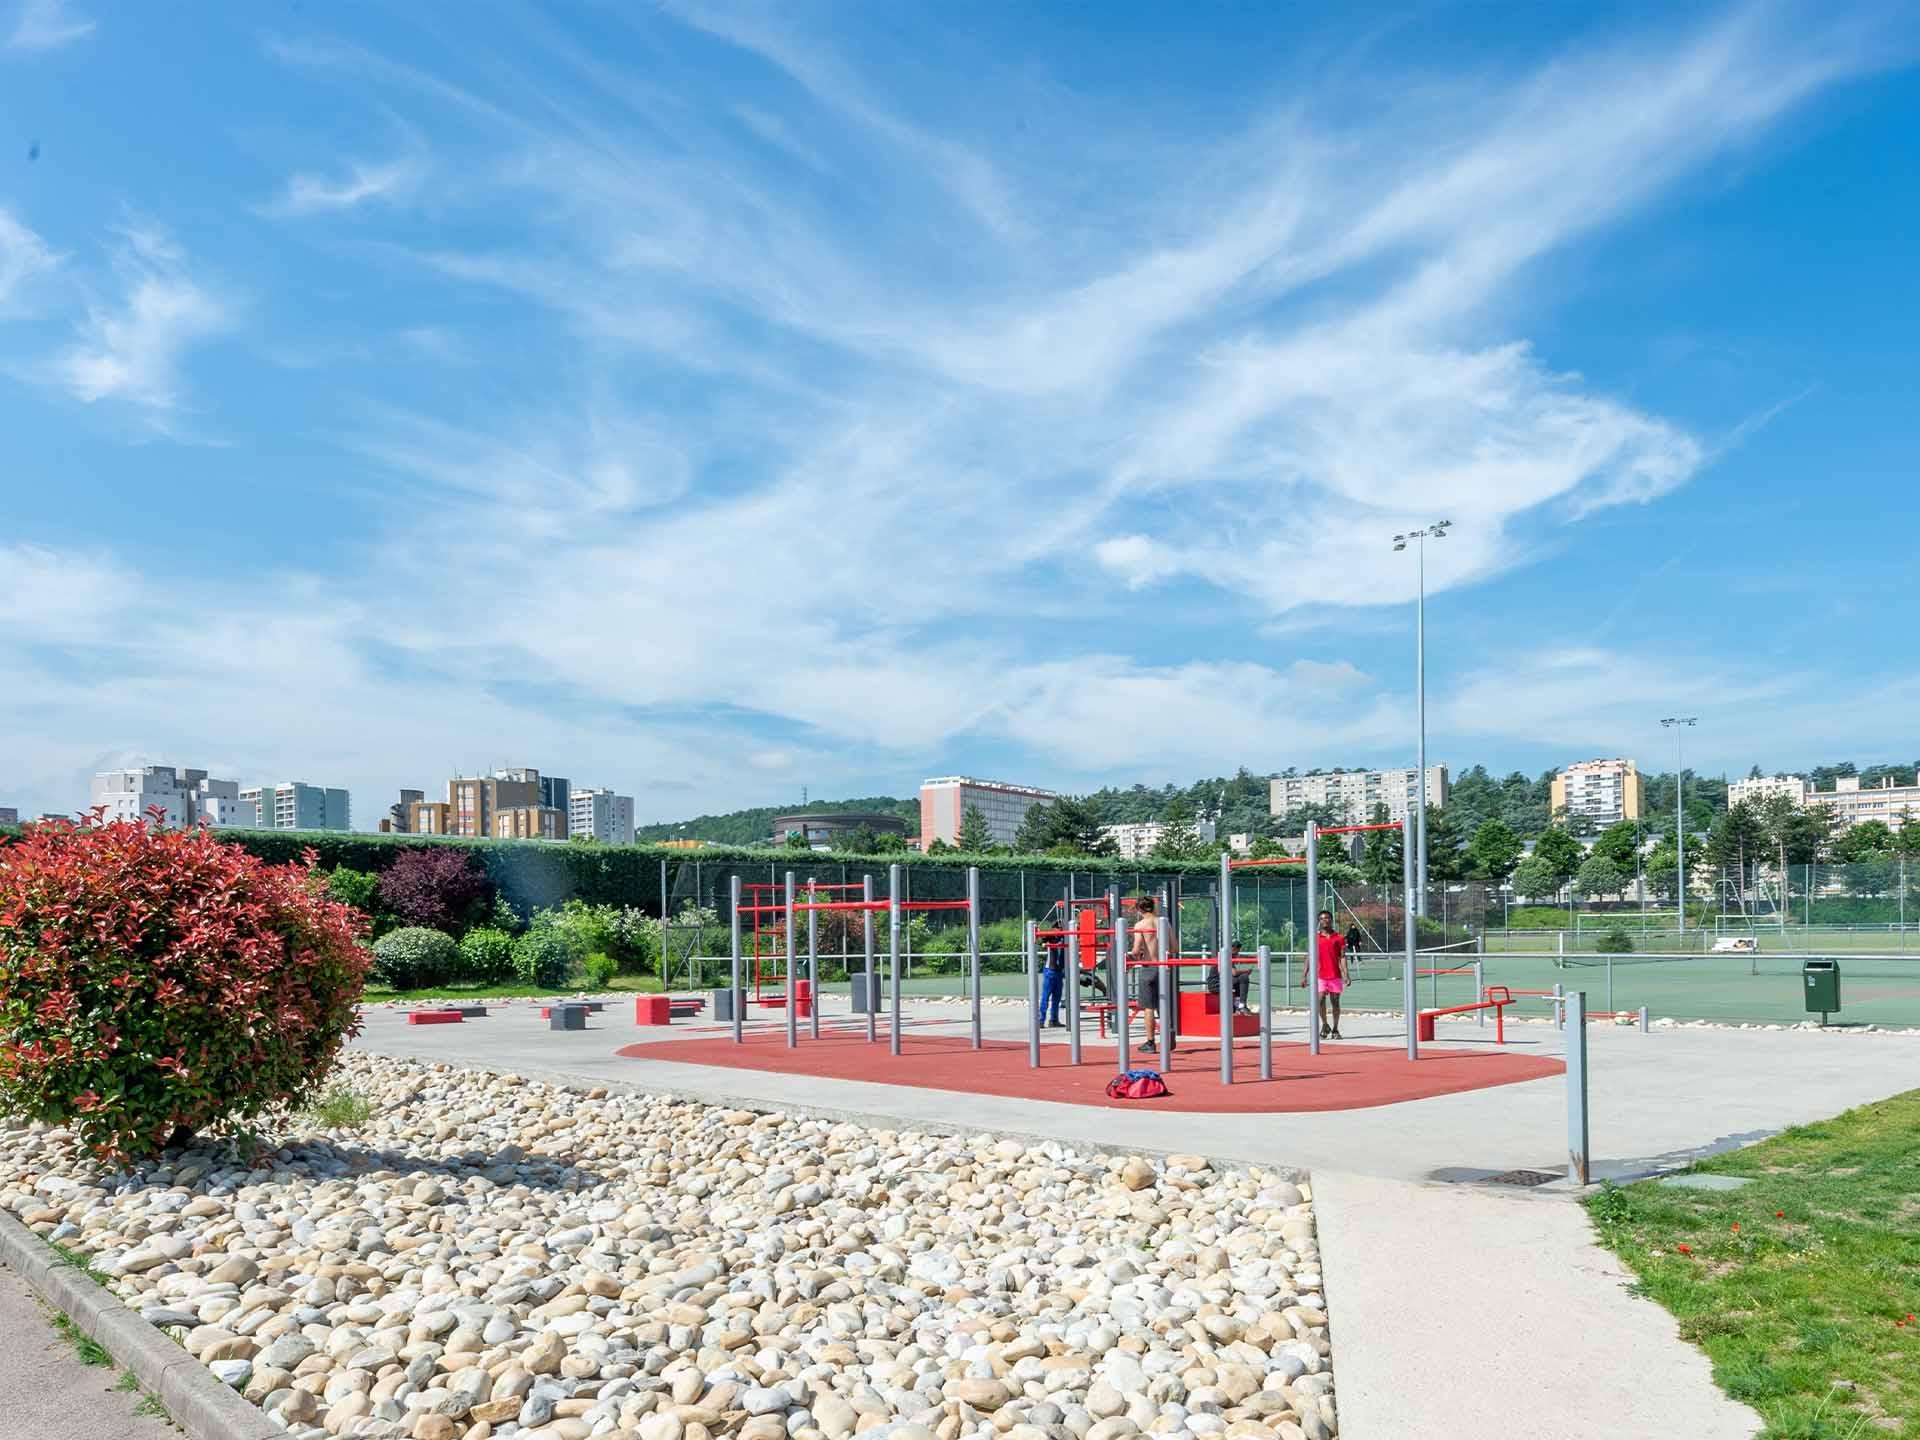 Photo des équipements sportifs en plein air du Stade de l'Etivallière - Saint-Etienne